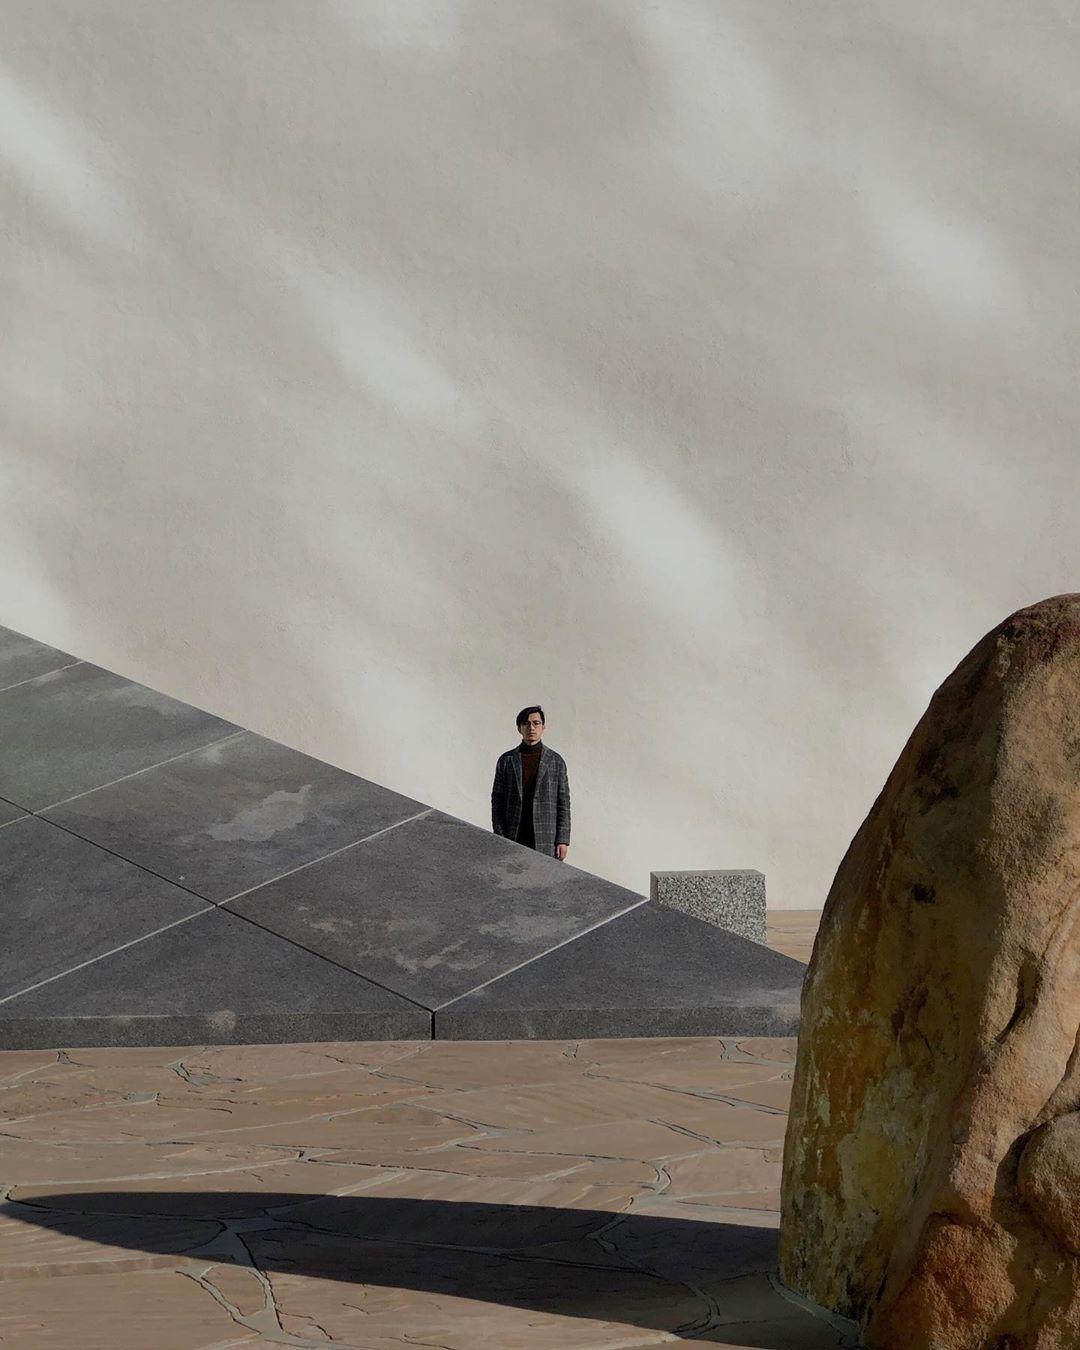 Khoa Vũ: Harvard, Kiến trúc & Giấc mơ sương mù